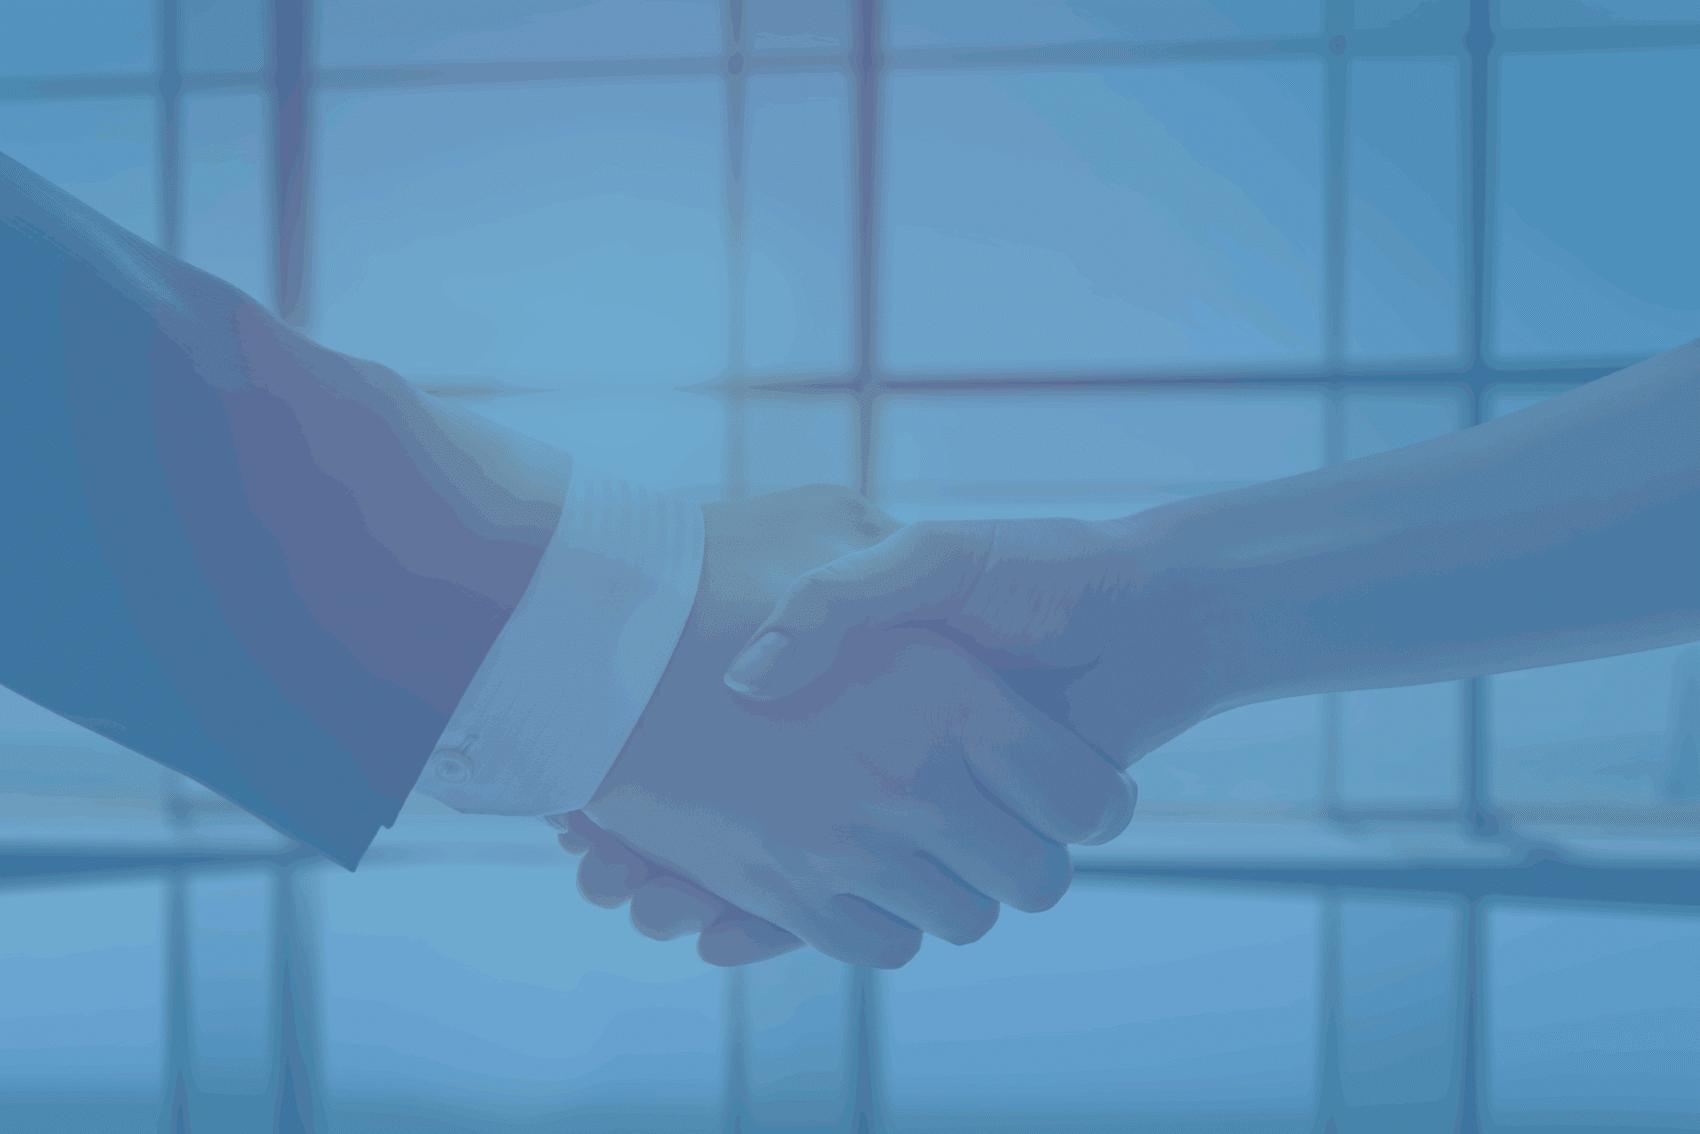 Comment faire collaborer de manière efficace le marketing et les ventes?